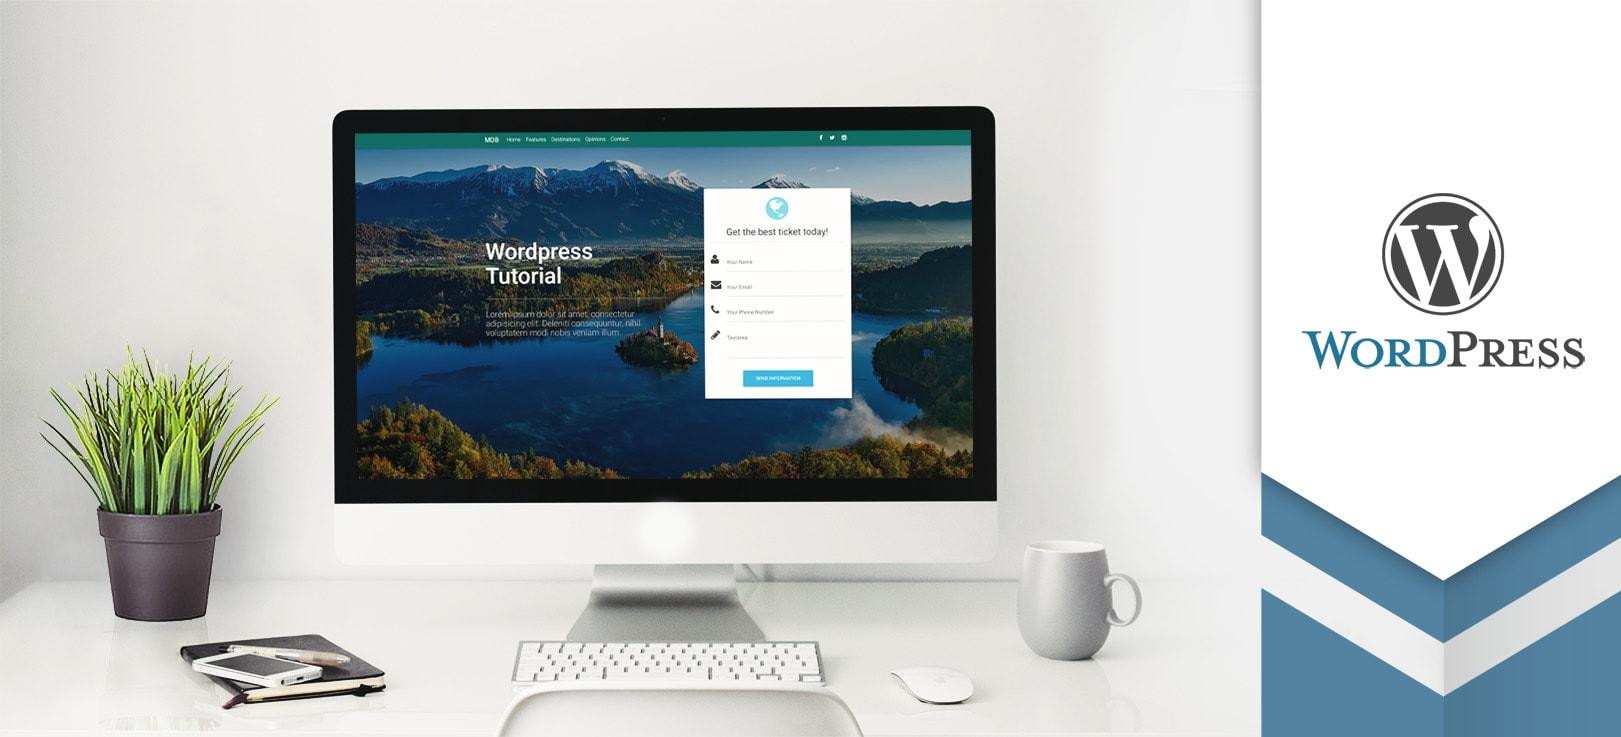 MDB WordPress Tutorial